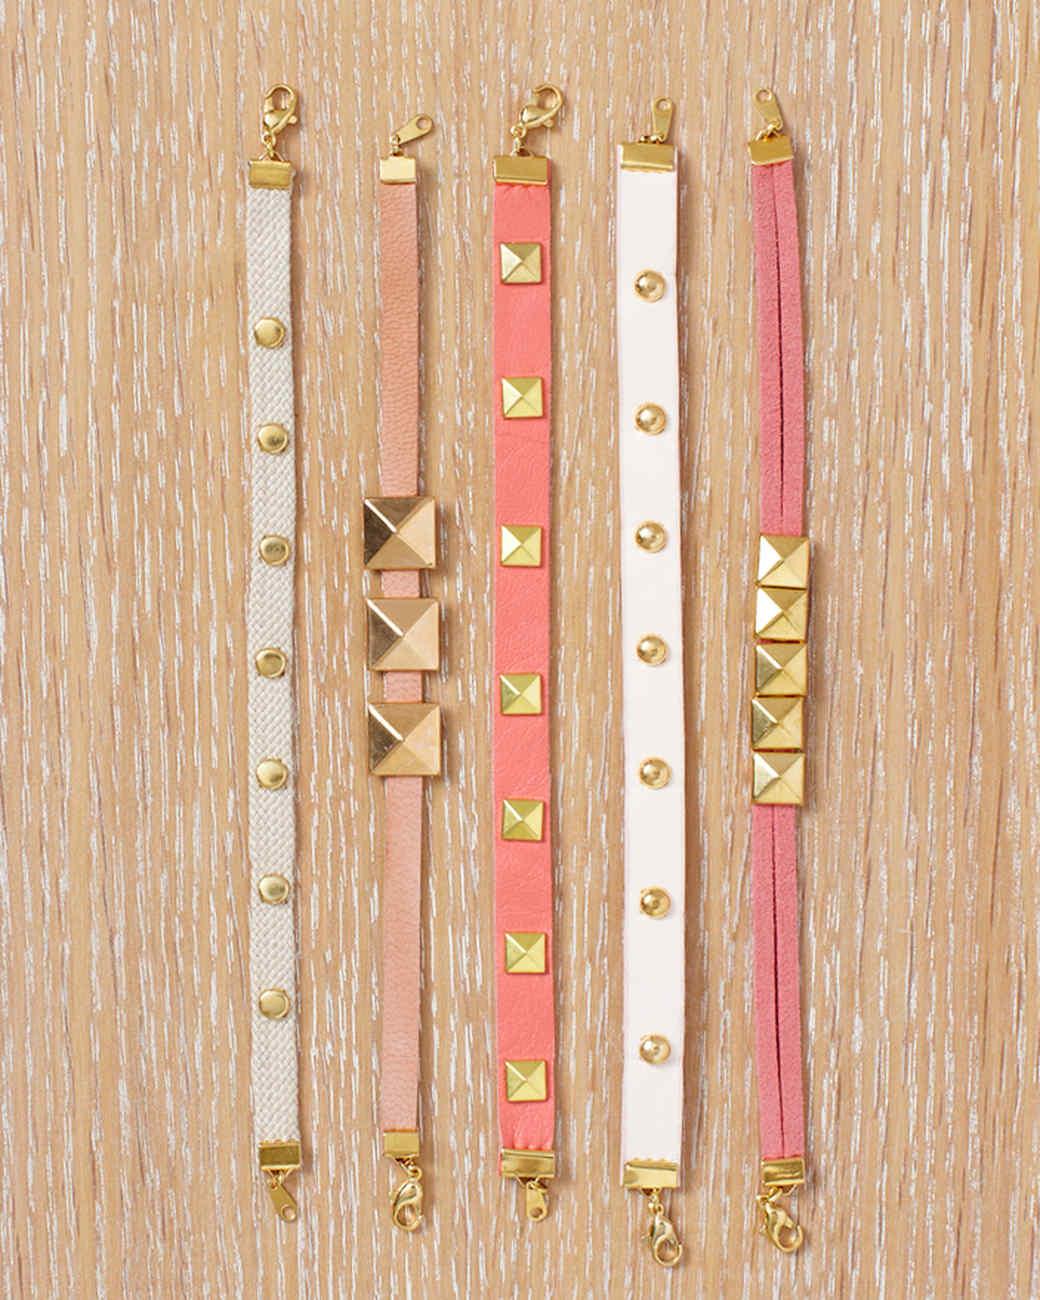 studded-bracelets-002-wld109036.jpg